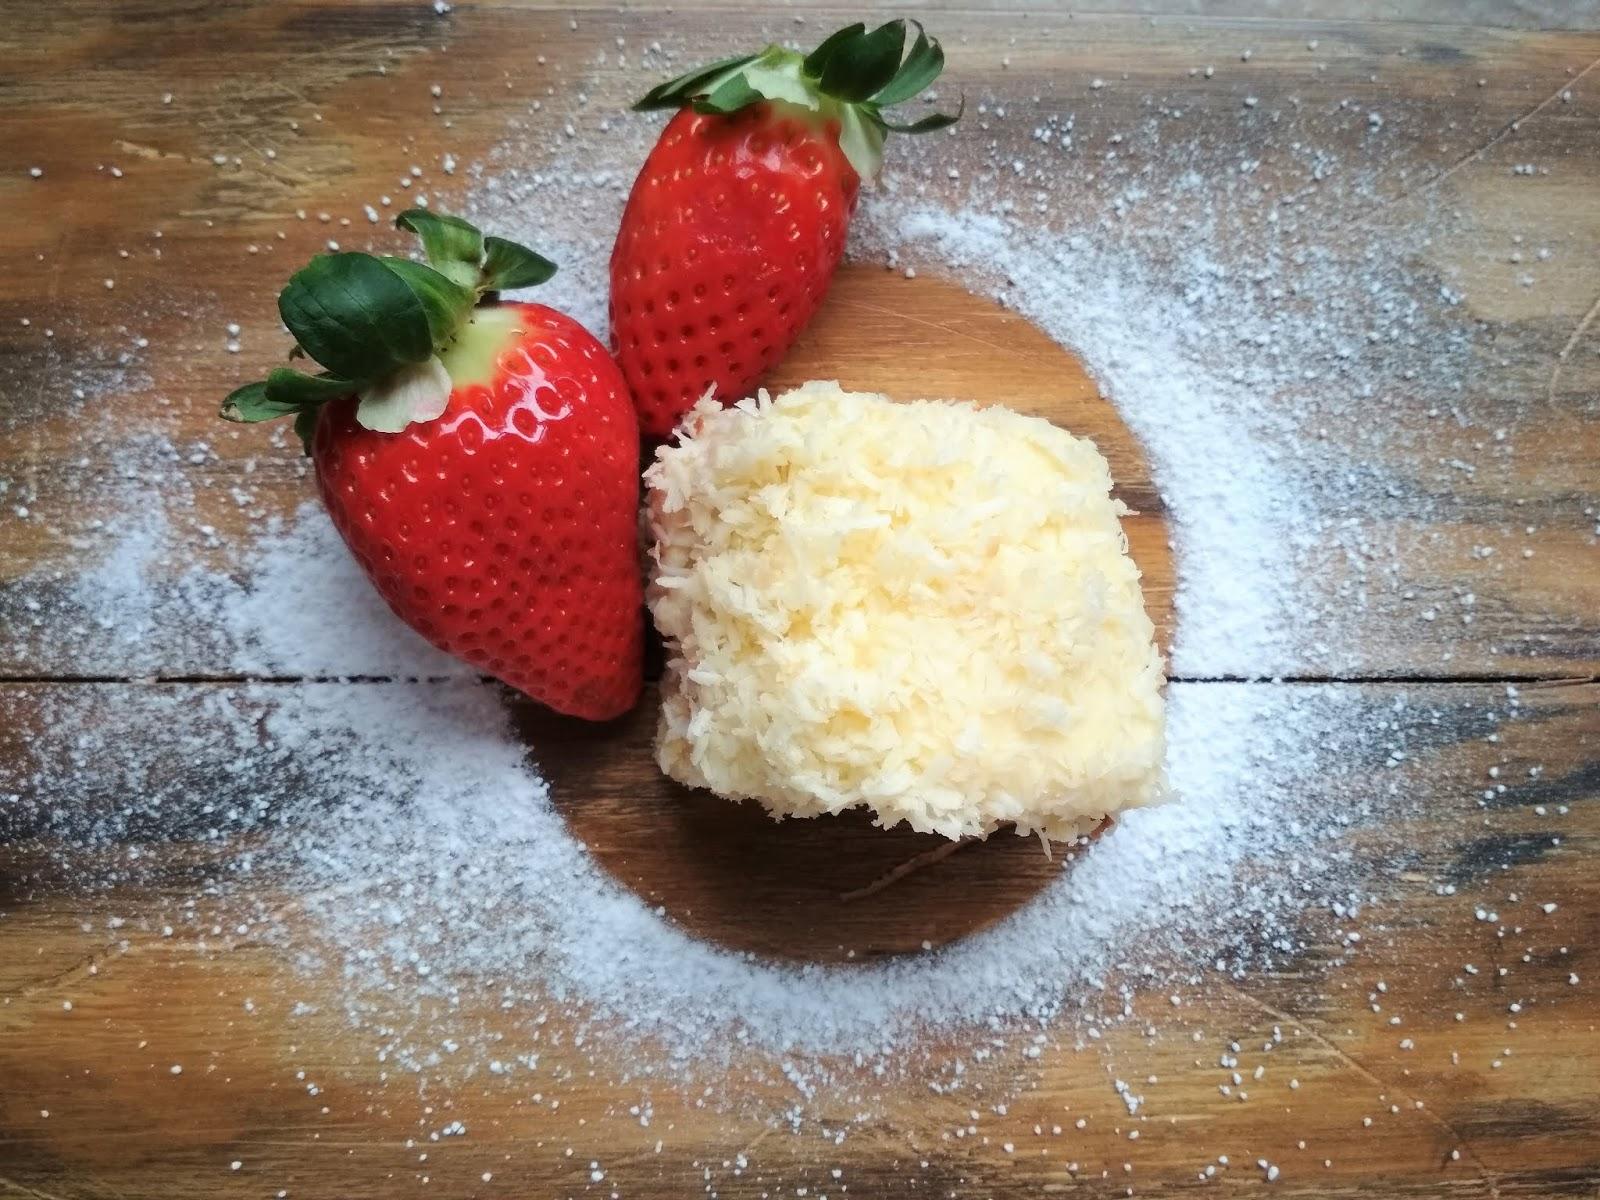 królowa wypieków, blog kulinarny blog lifestylowy, rafaello na jogurtowym spodzie